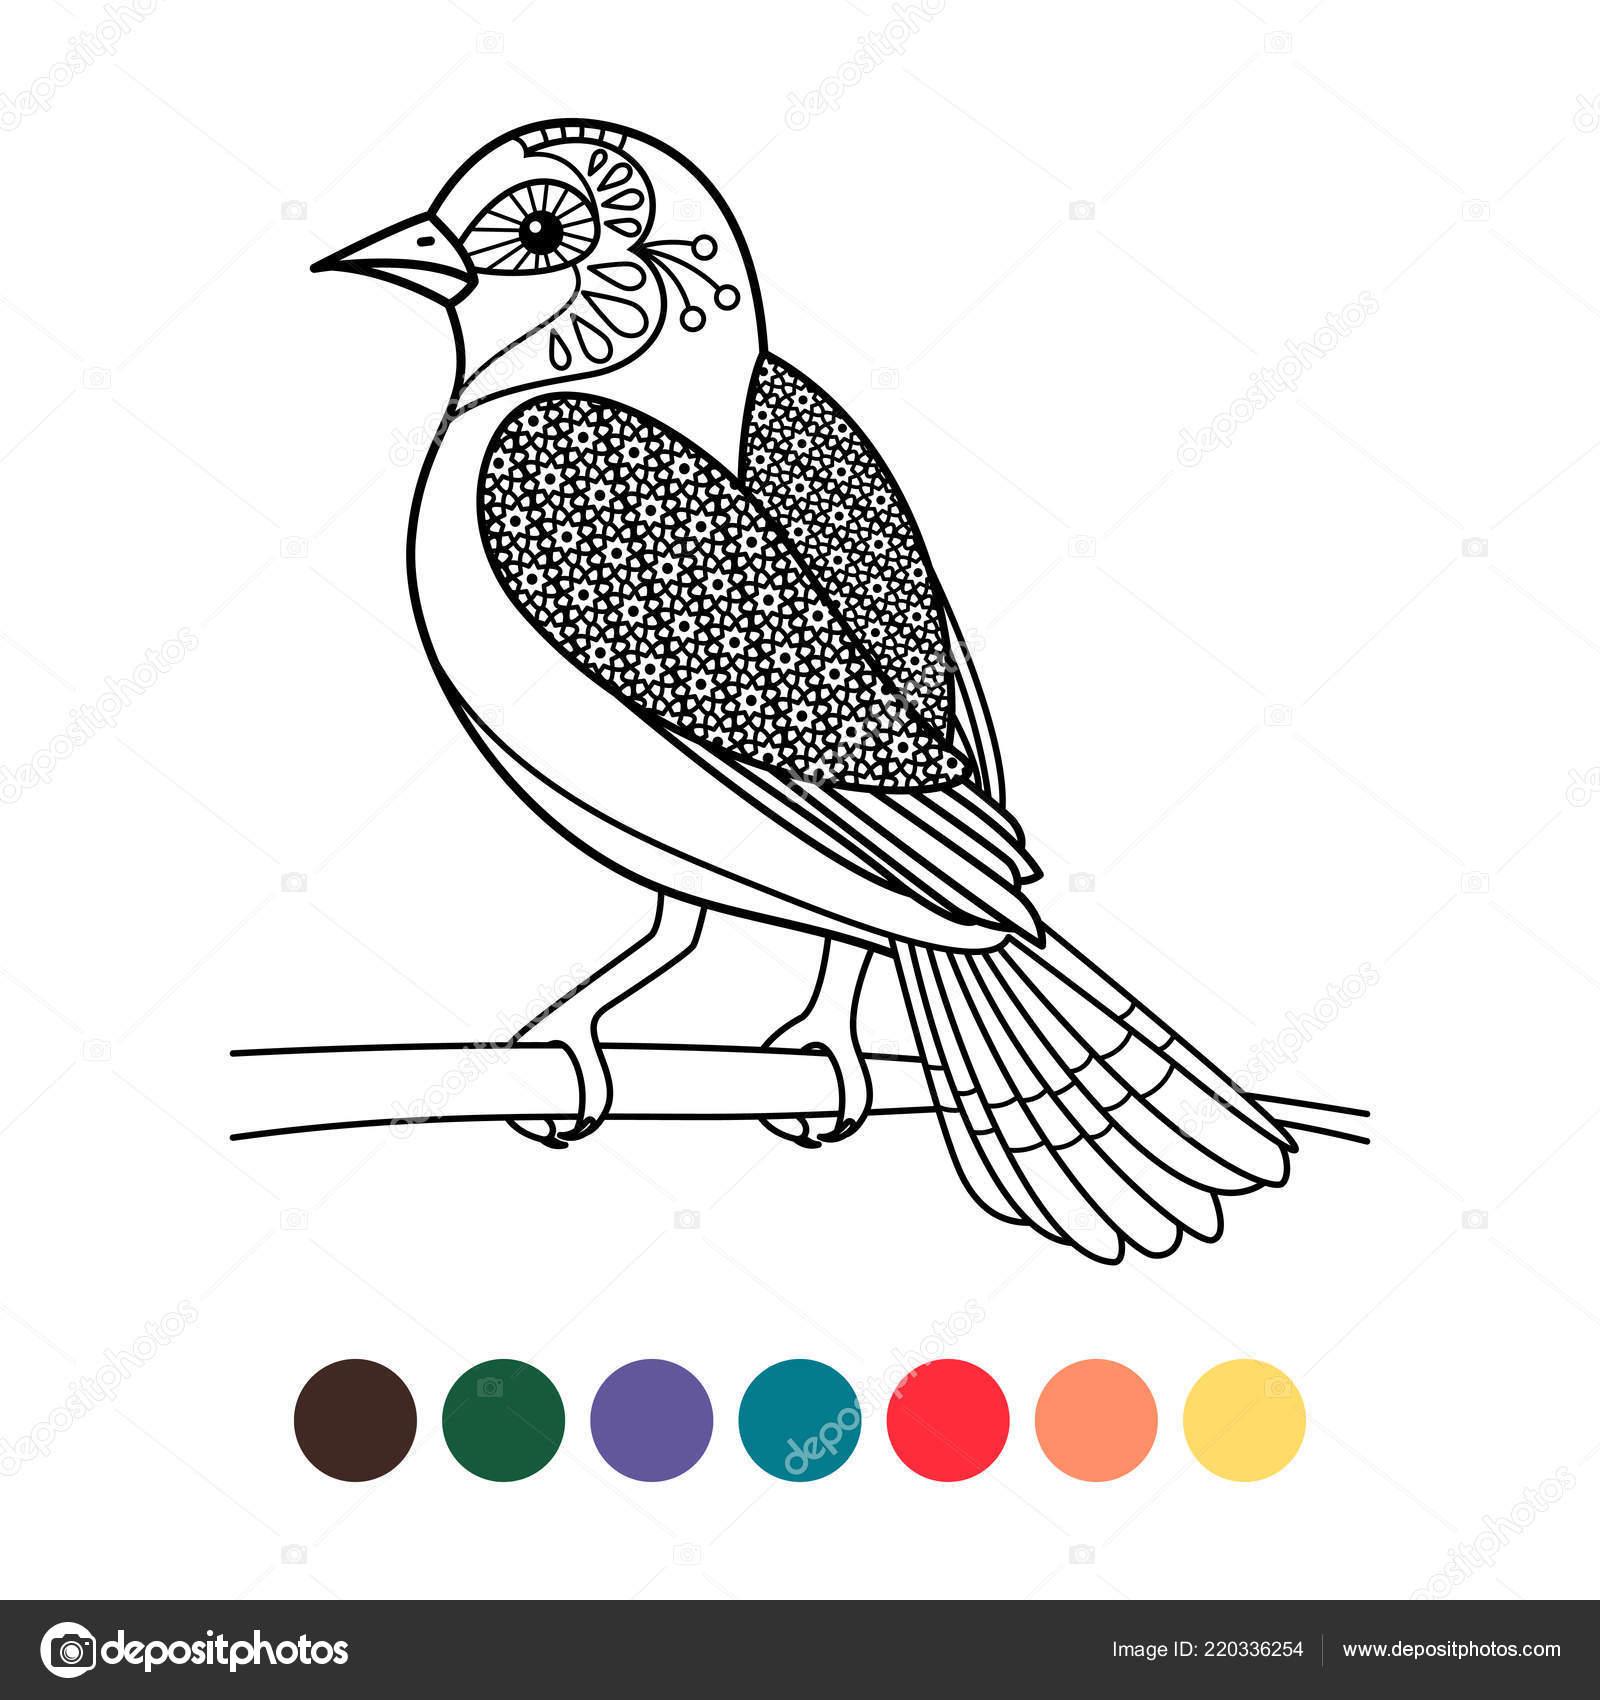 Antistress Coloring Zentangle Bird Stock Vector C Ssstocker